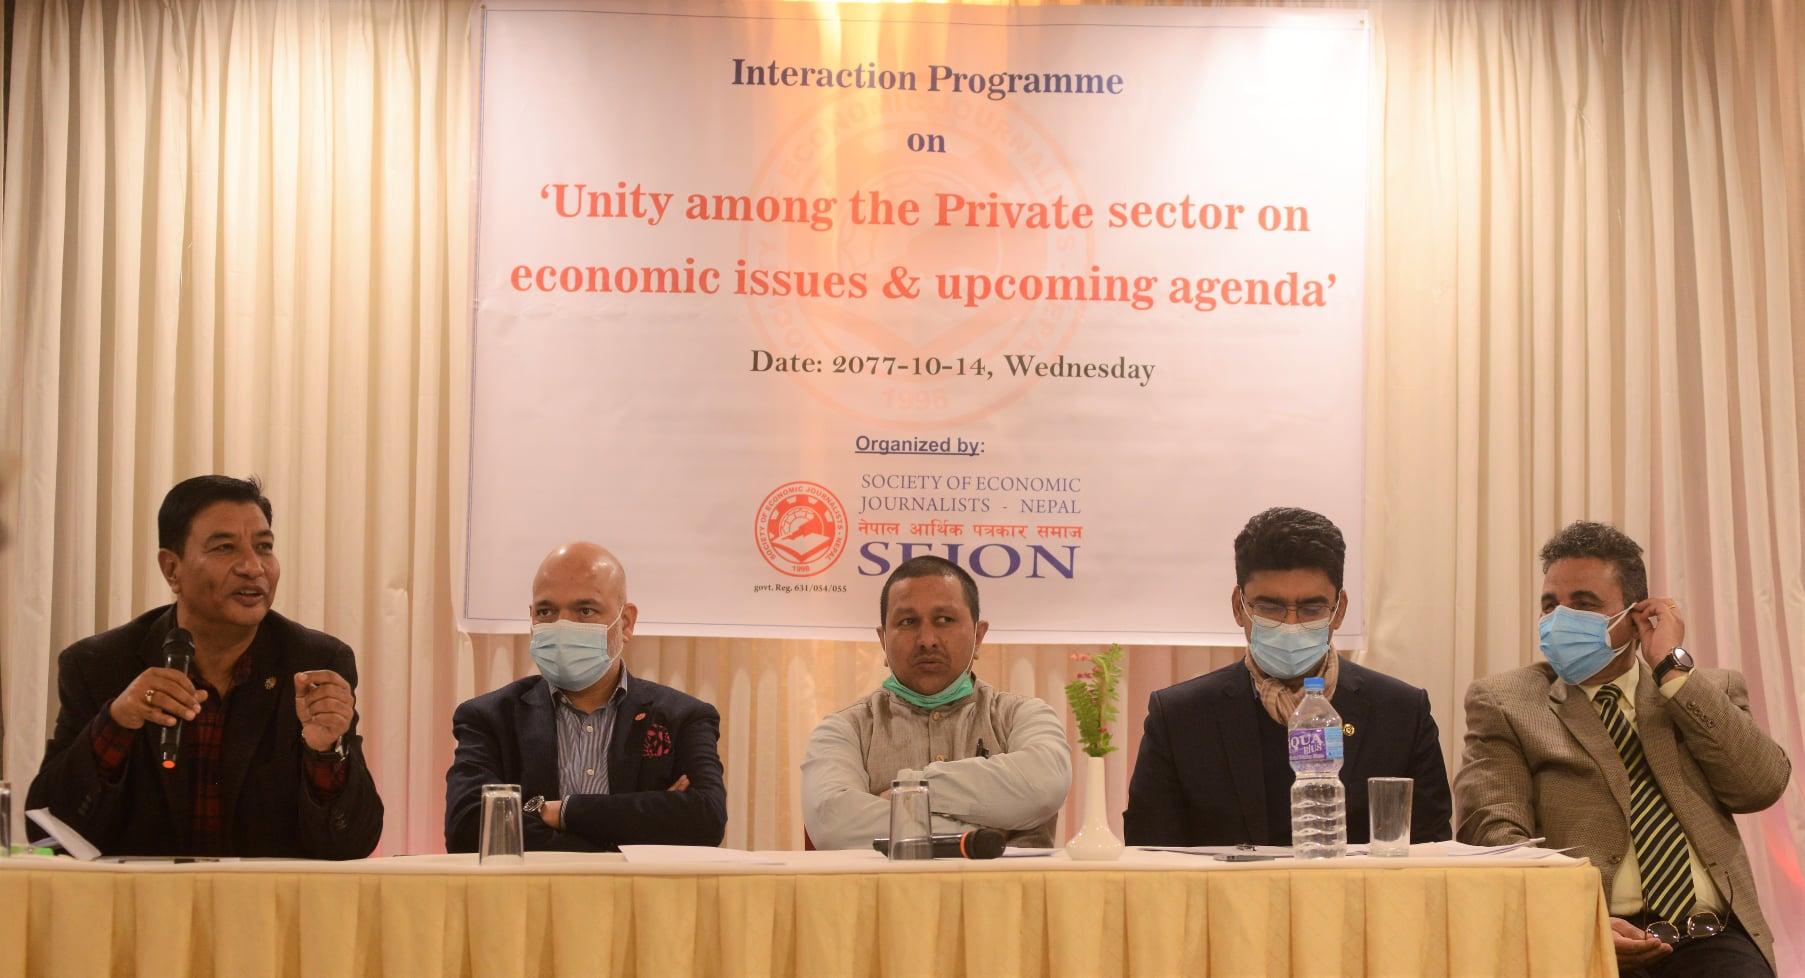 आर्थिक मुद्दाहरुमा एकता गर्ने निजी क्षेत्रको घोषणा